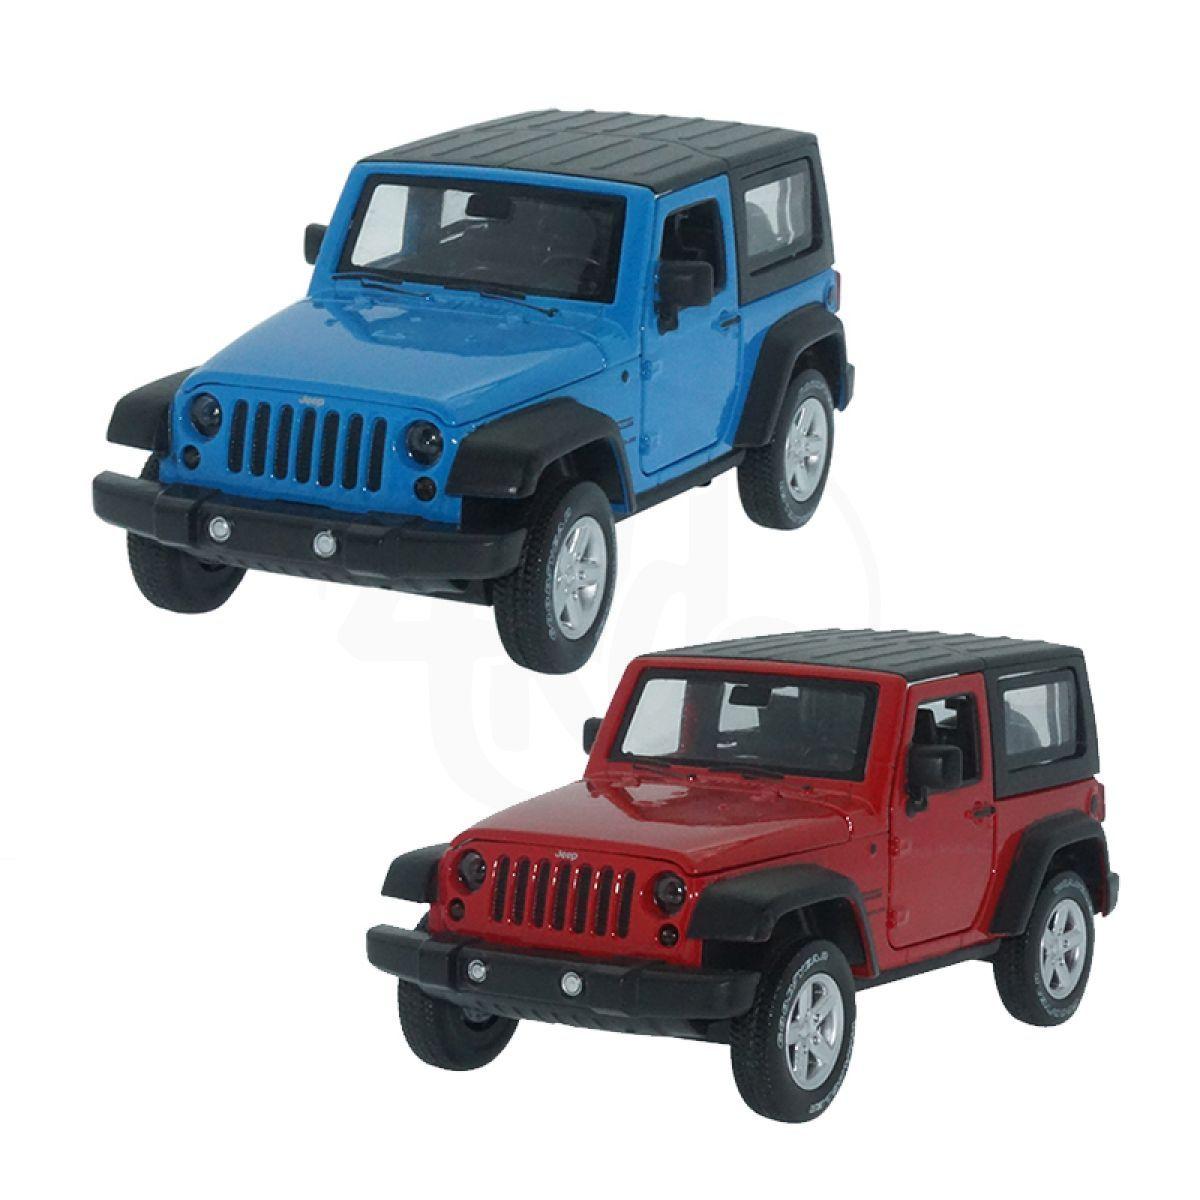 HM Studio kovový model Jeep Wrangler 1:32 - Modrý